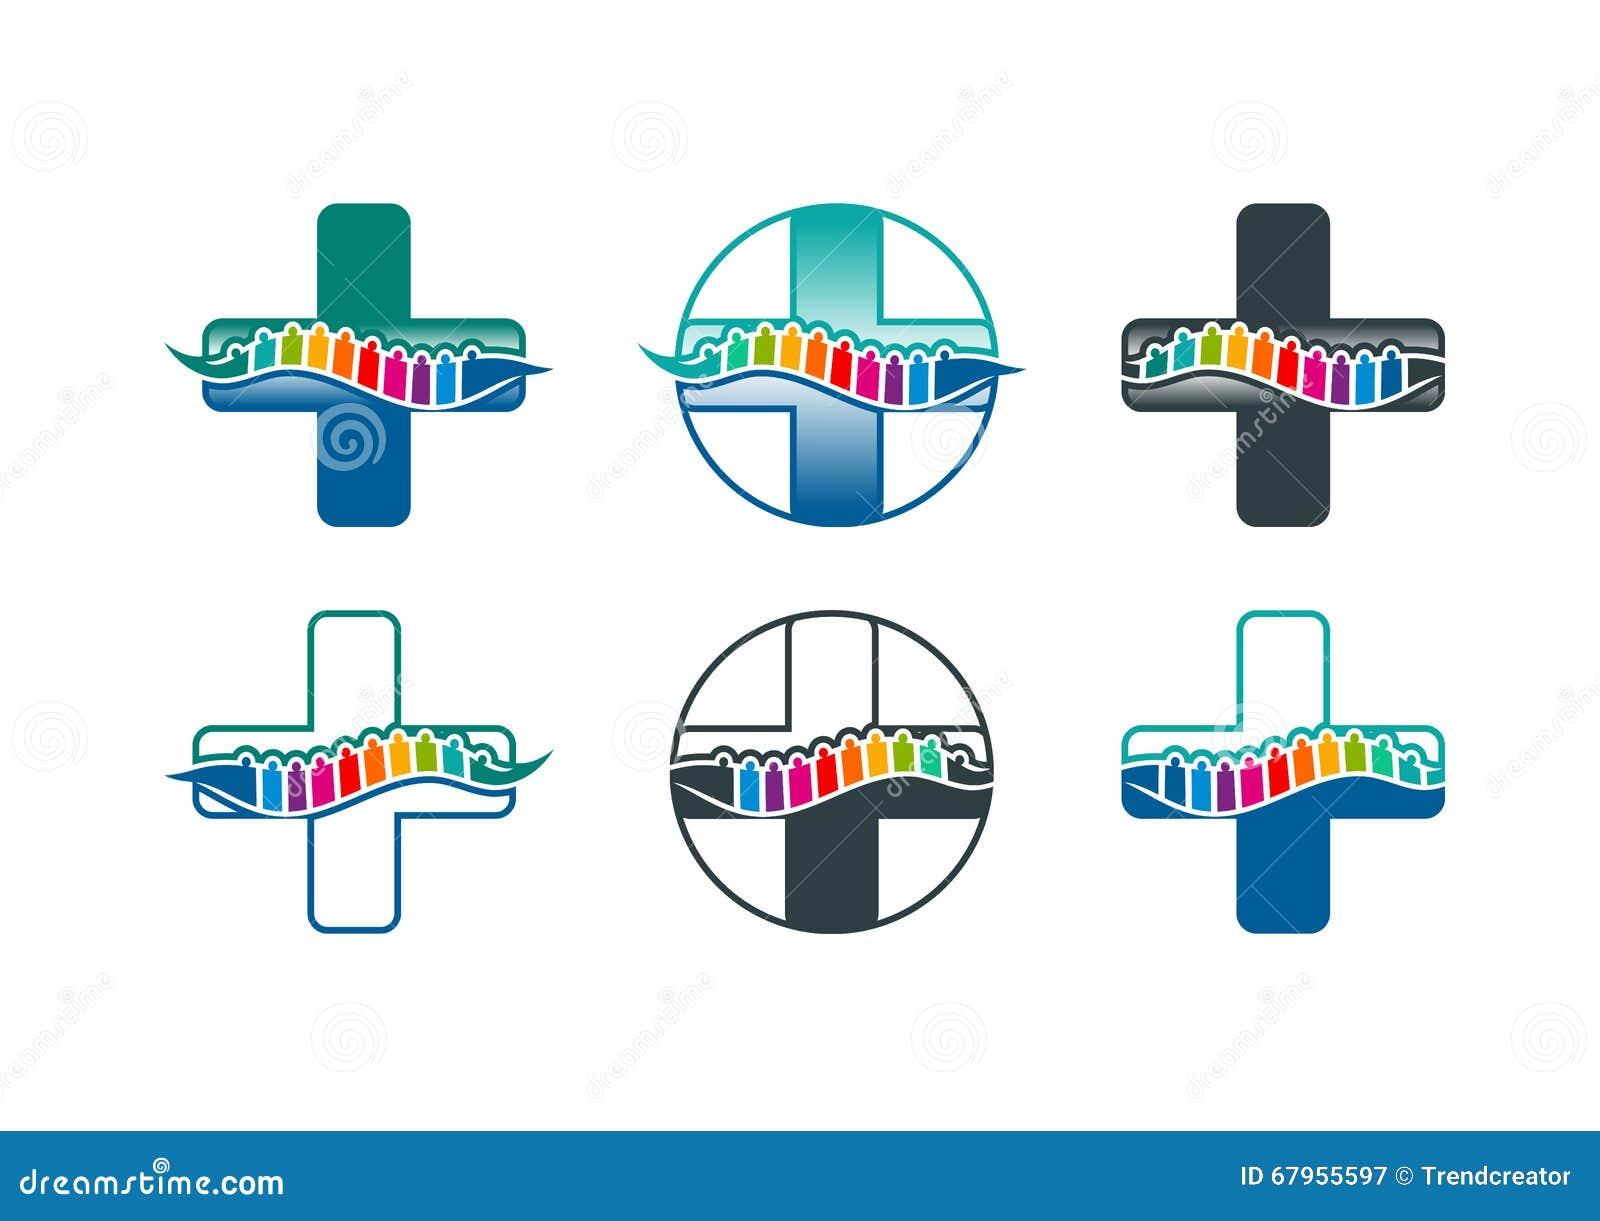 Logotipo da espinha, símbolo da espinha e projeto de conceito da quiroterapia